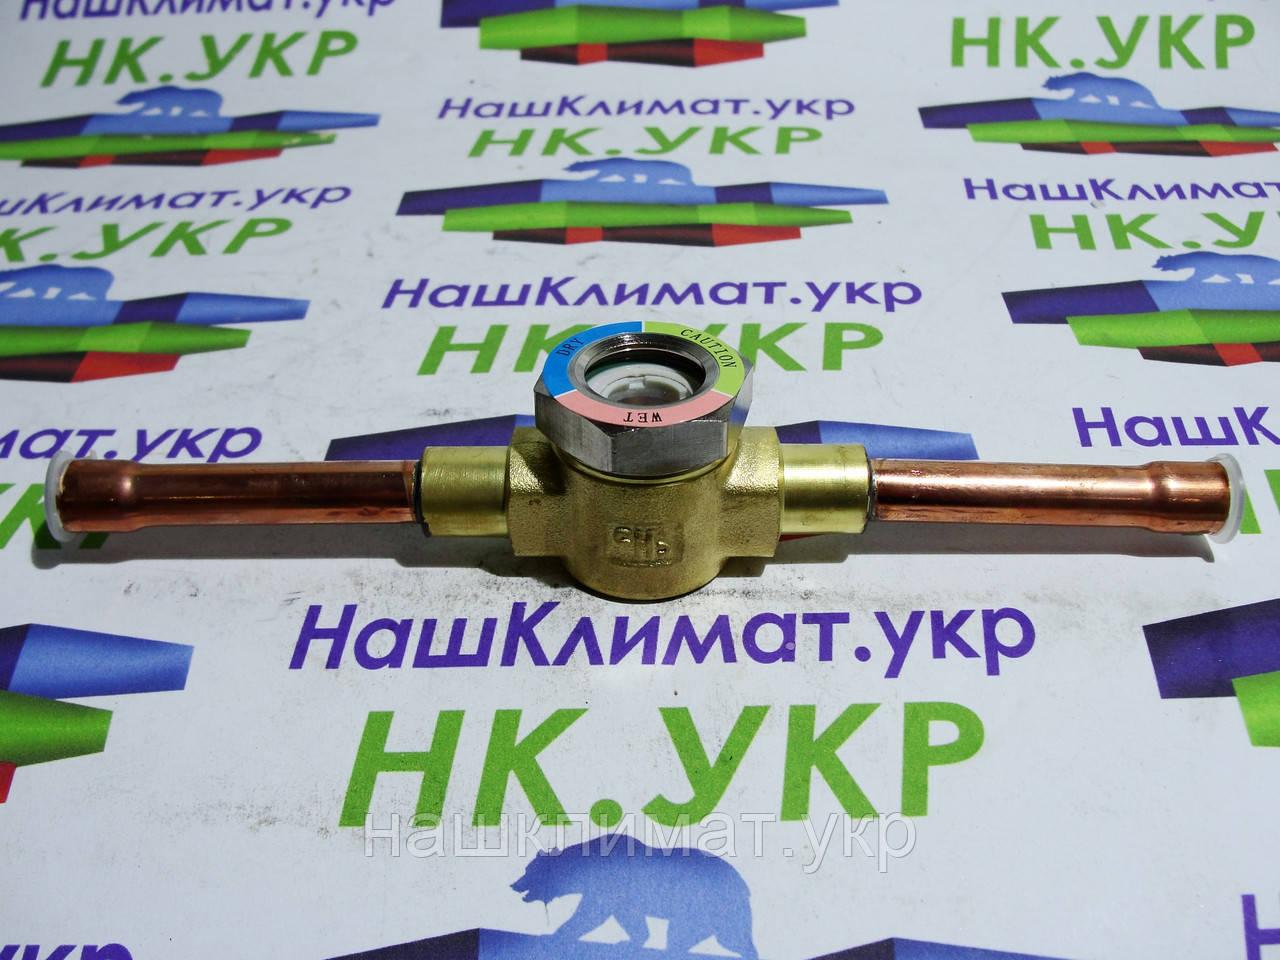 Смотровое стекло 3/8 пайка с индикатором влажности, со съемным глазком, Китай. - НашКлимат в Мелитополе